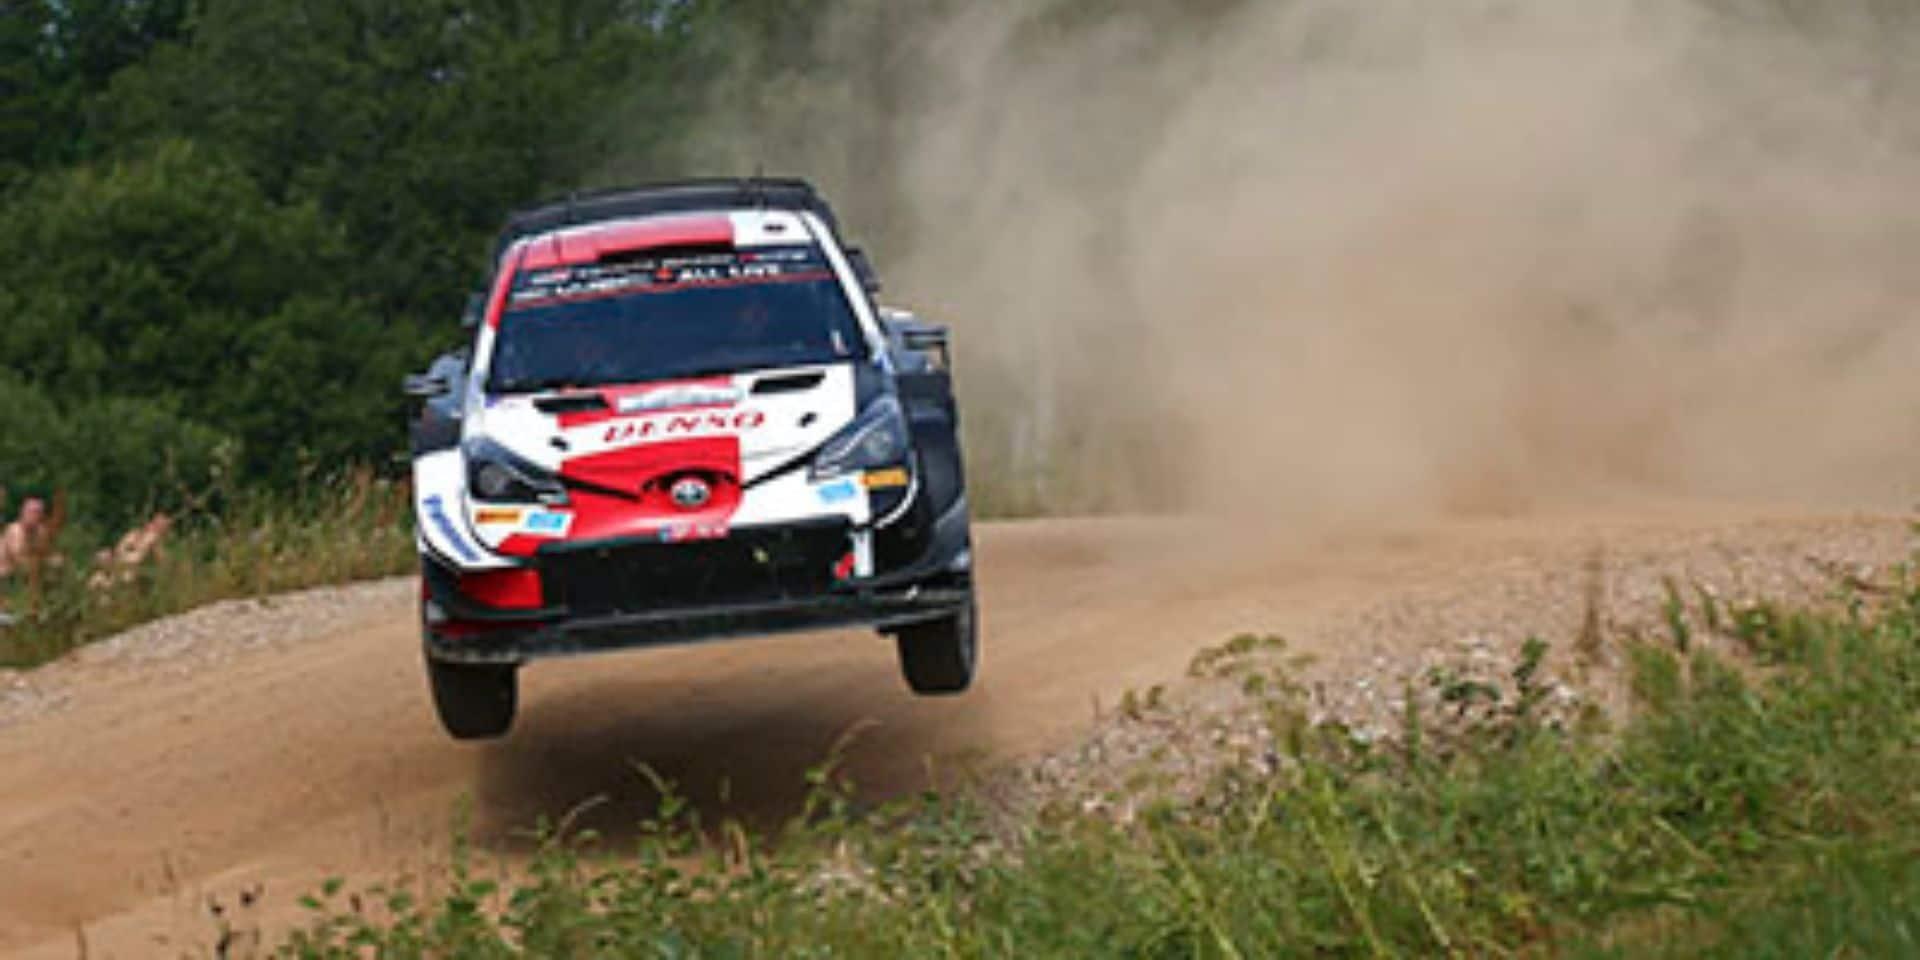 WRC Estonie Etape 2: Kalle Rovanpera à 52 km d'un nouveau record de précocité, Neuville 3e se met à l'abri d'Ogier